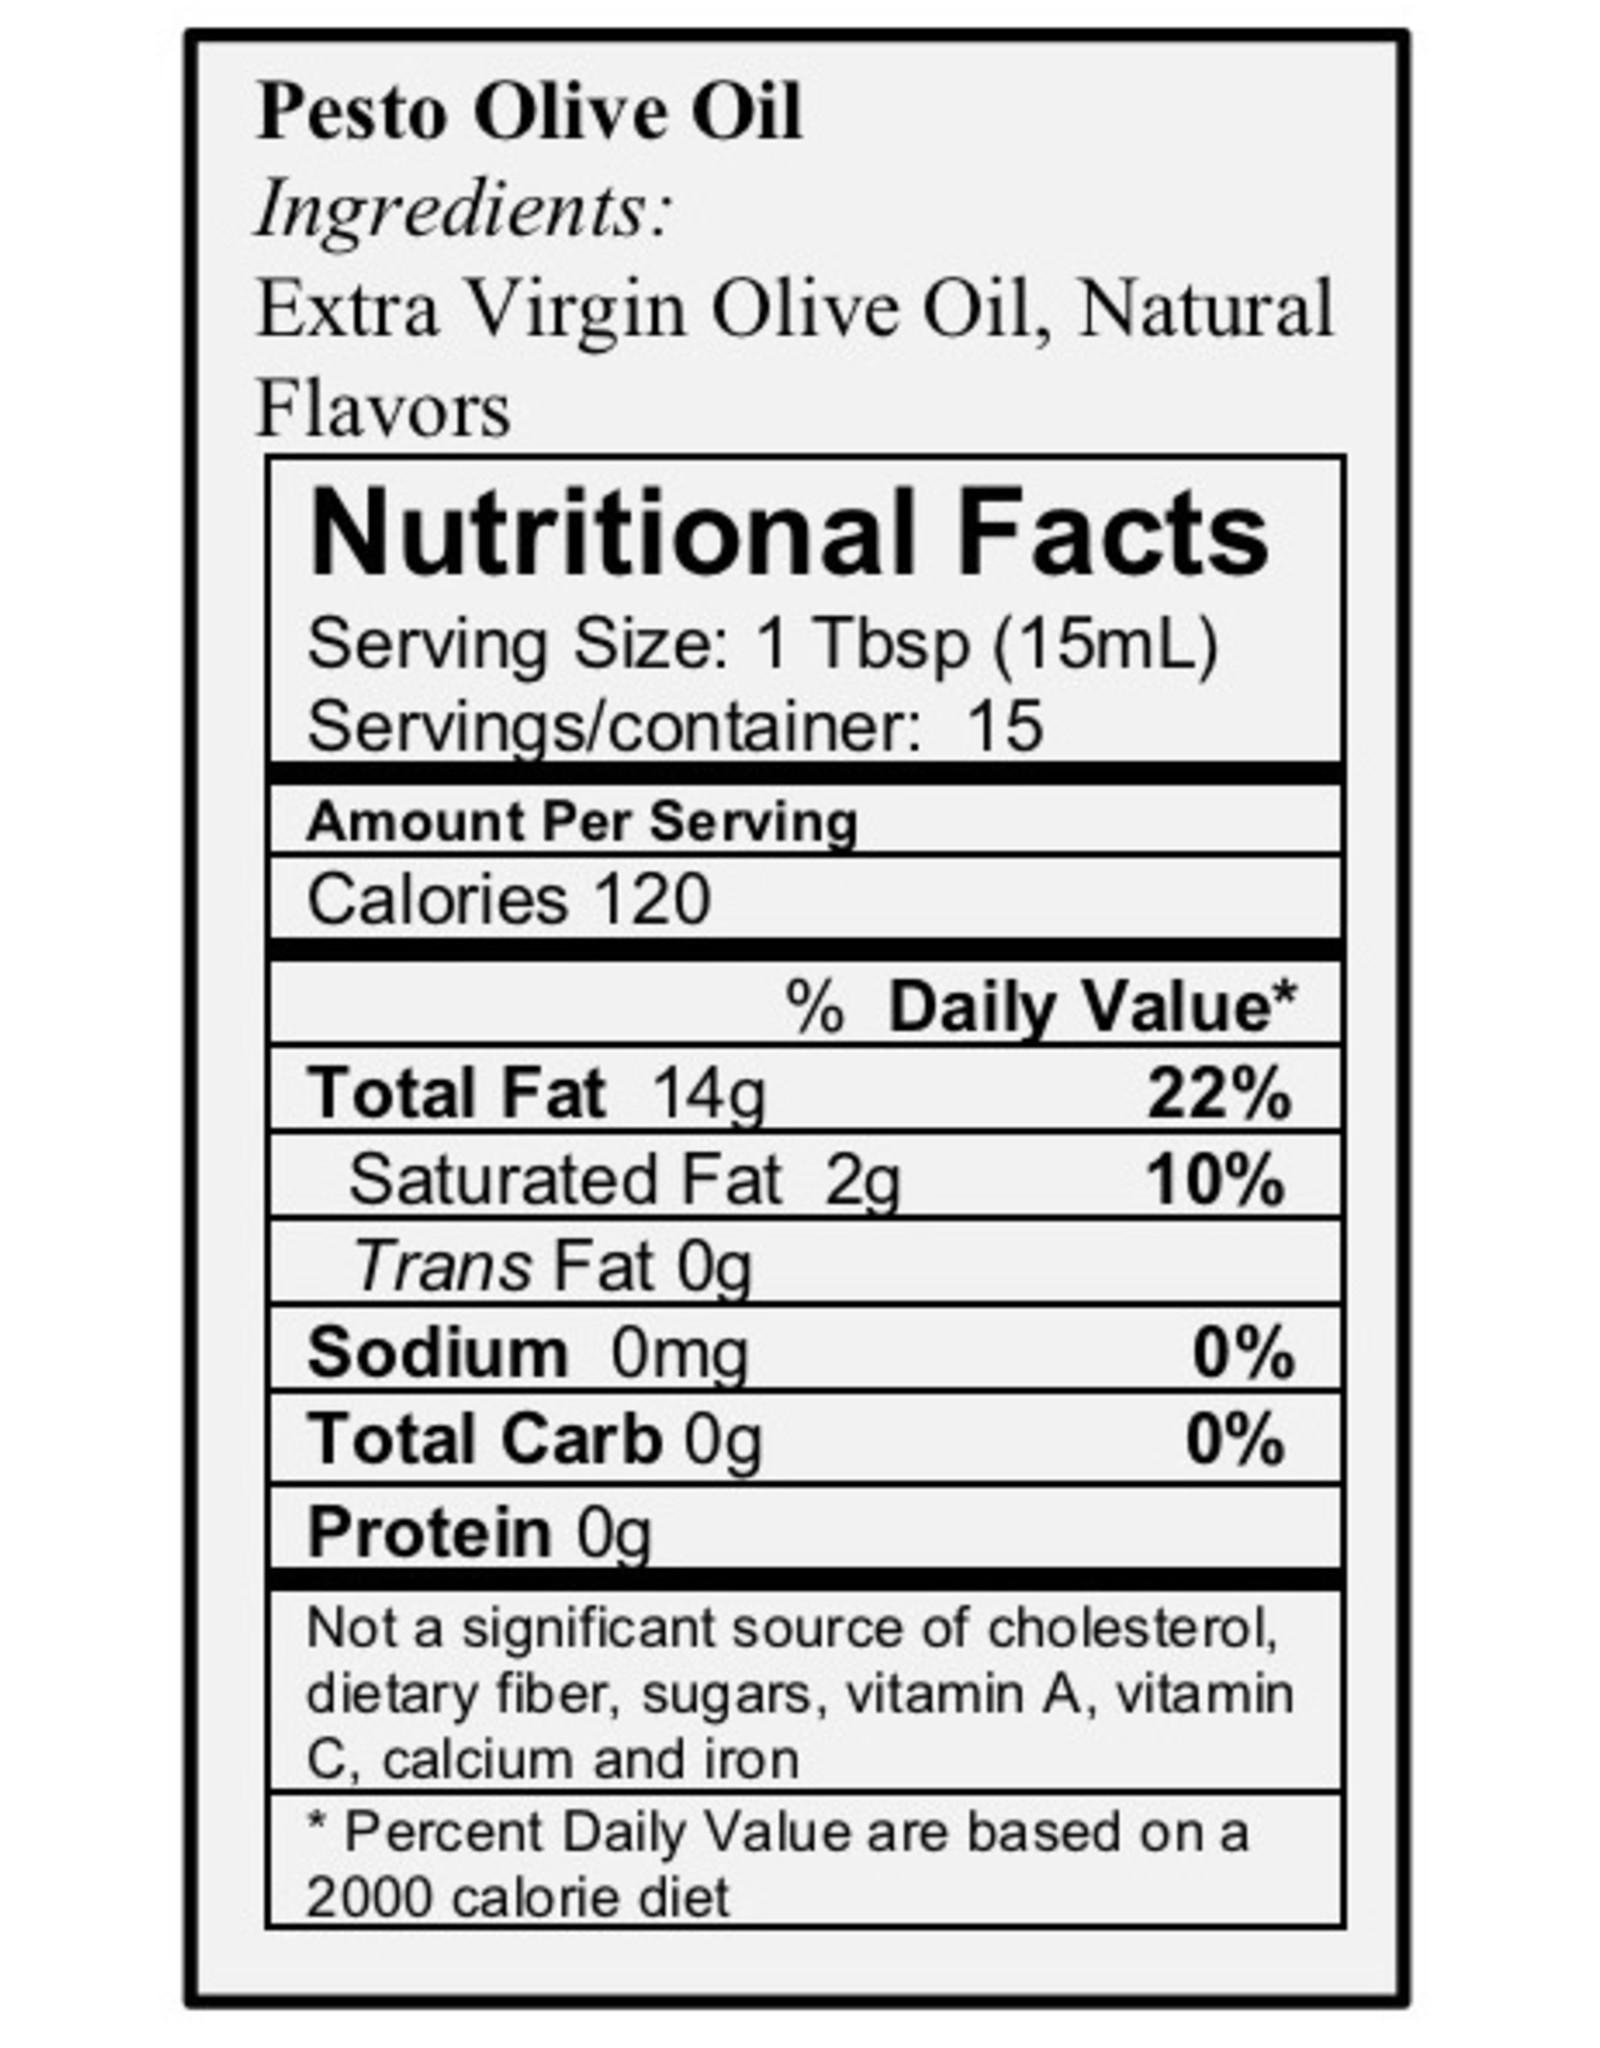 Pesto Olive Oil